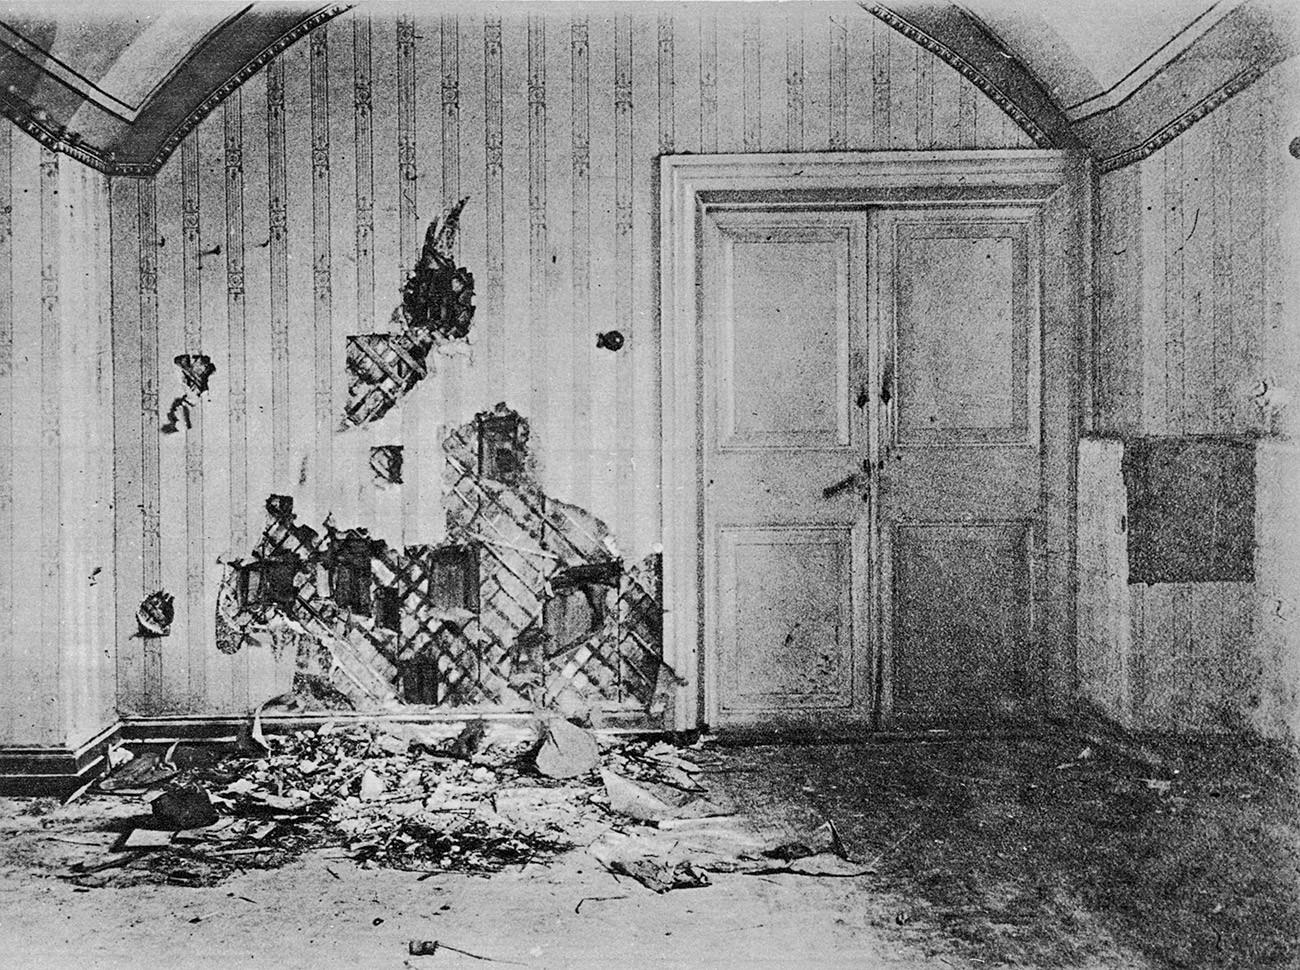 Подрумска просторија у кући Ипатјева у којој су стрељани чланови царске породице и њихове слуге, 1918.